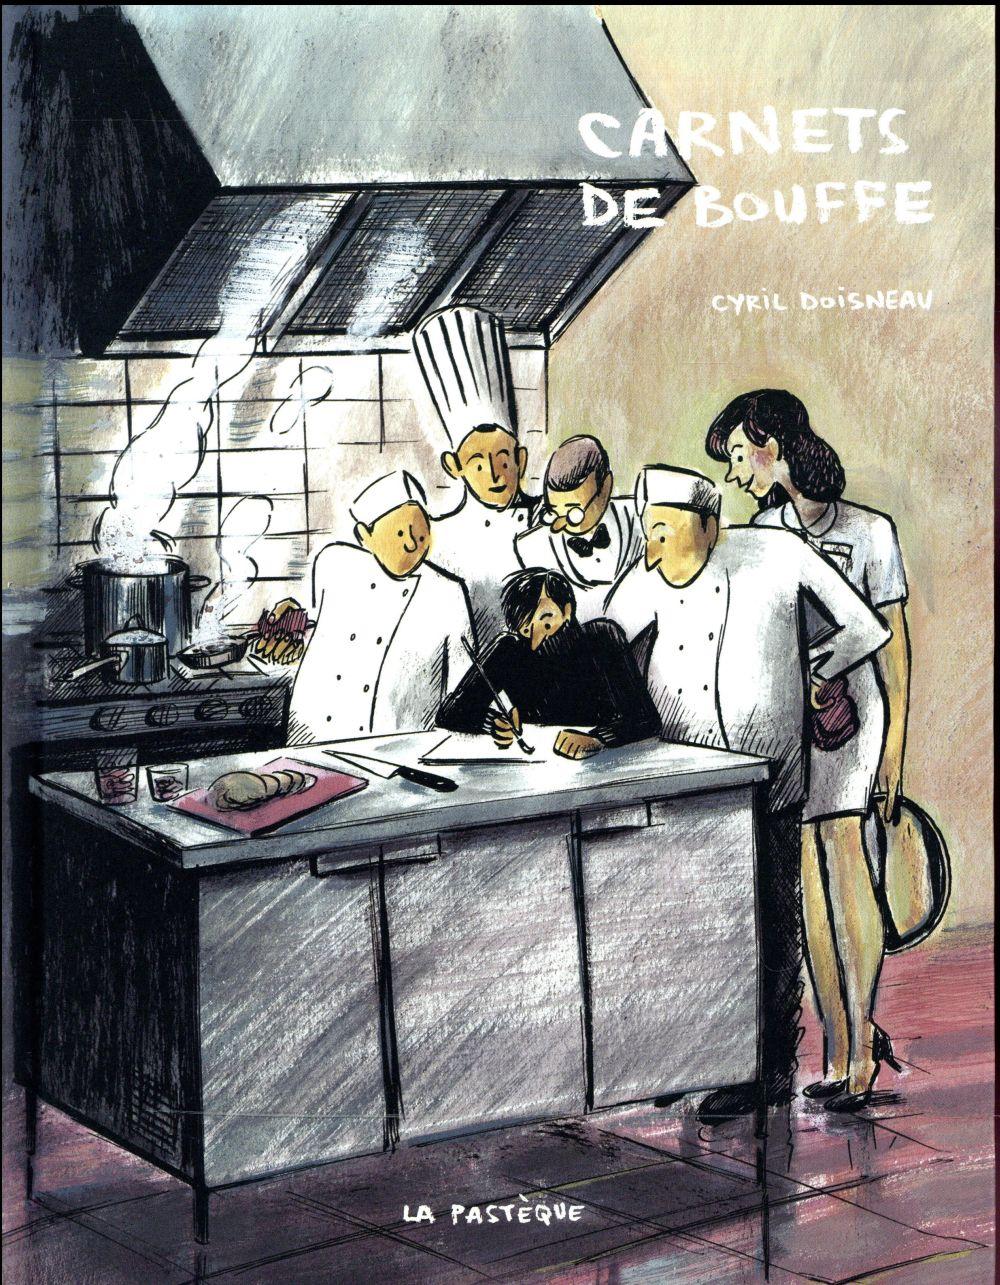 carnets de bouffe